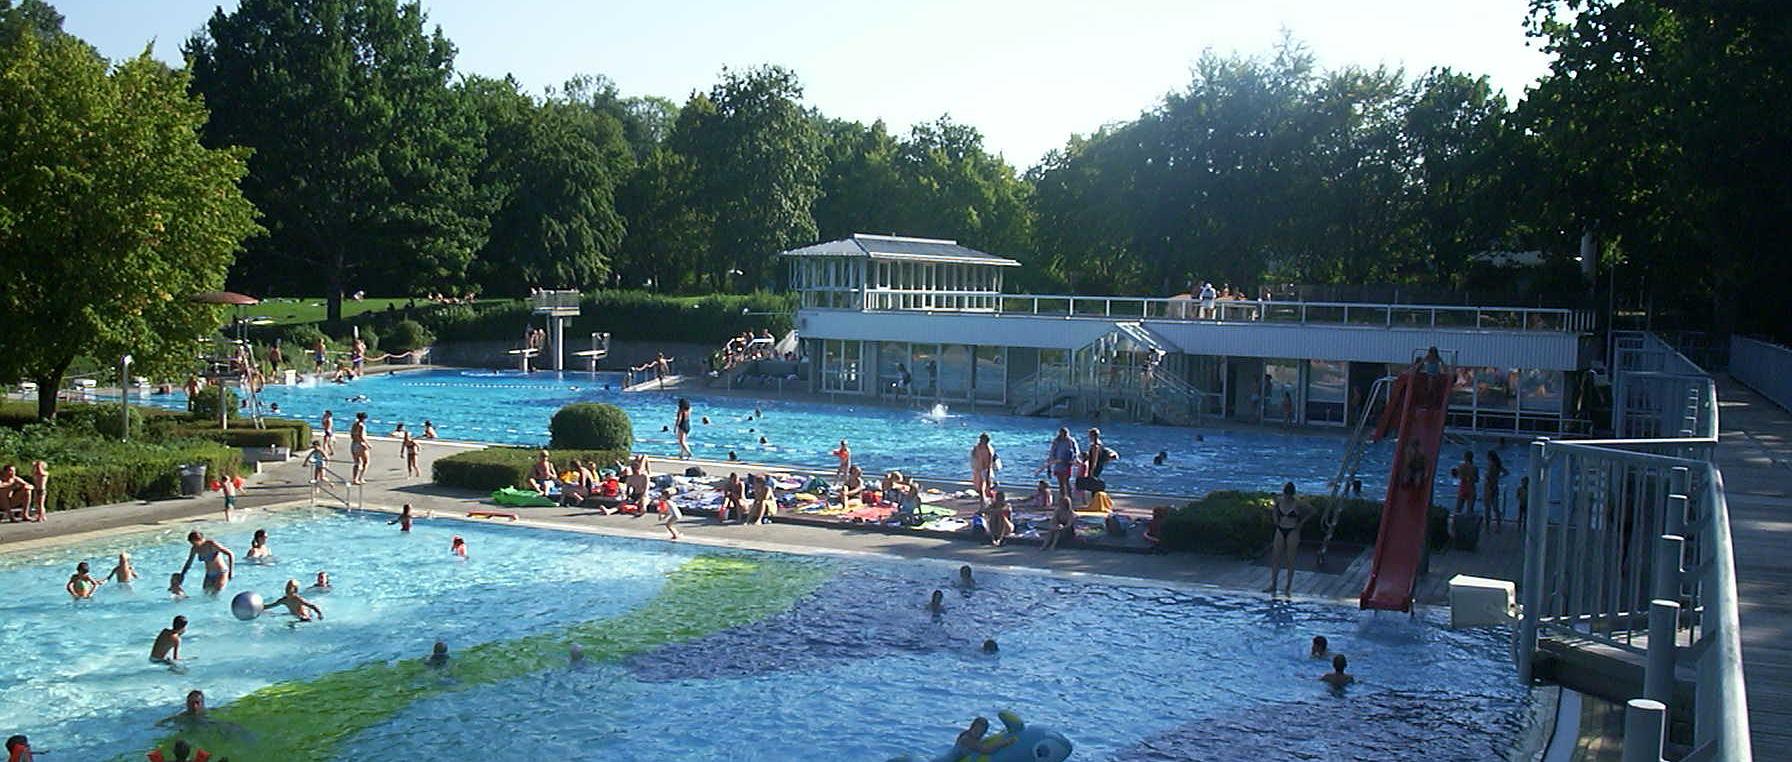 Pullach Schwimmbad tourismus schwimmbad landkreis münchen münchen münchner umland